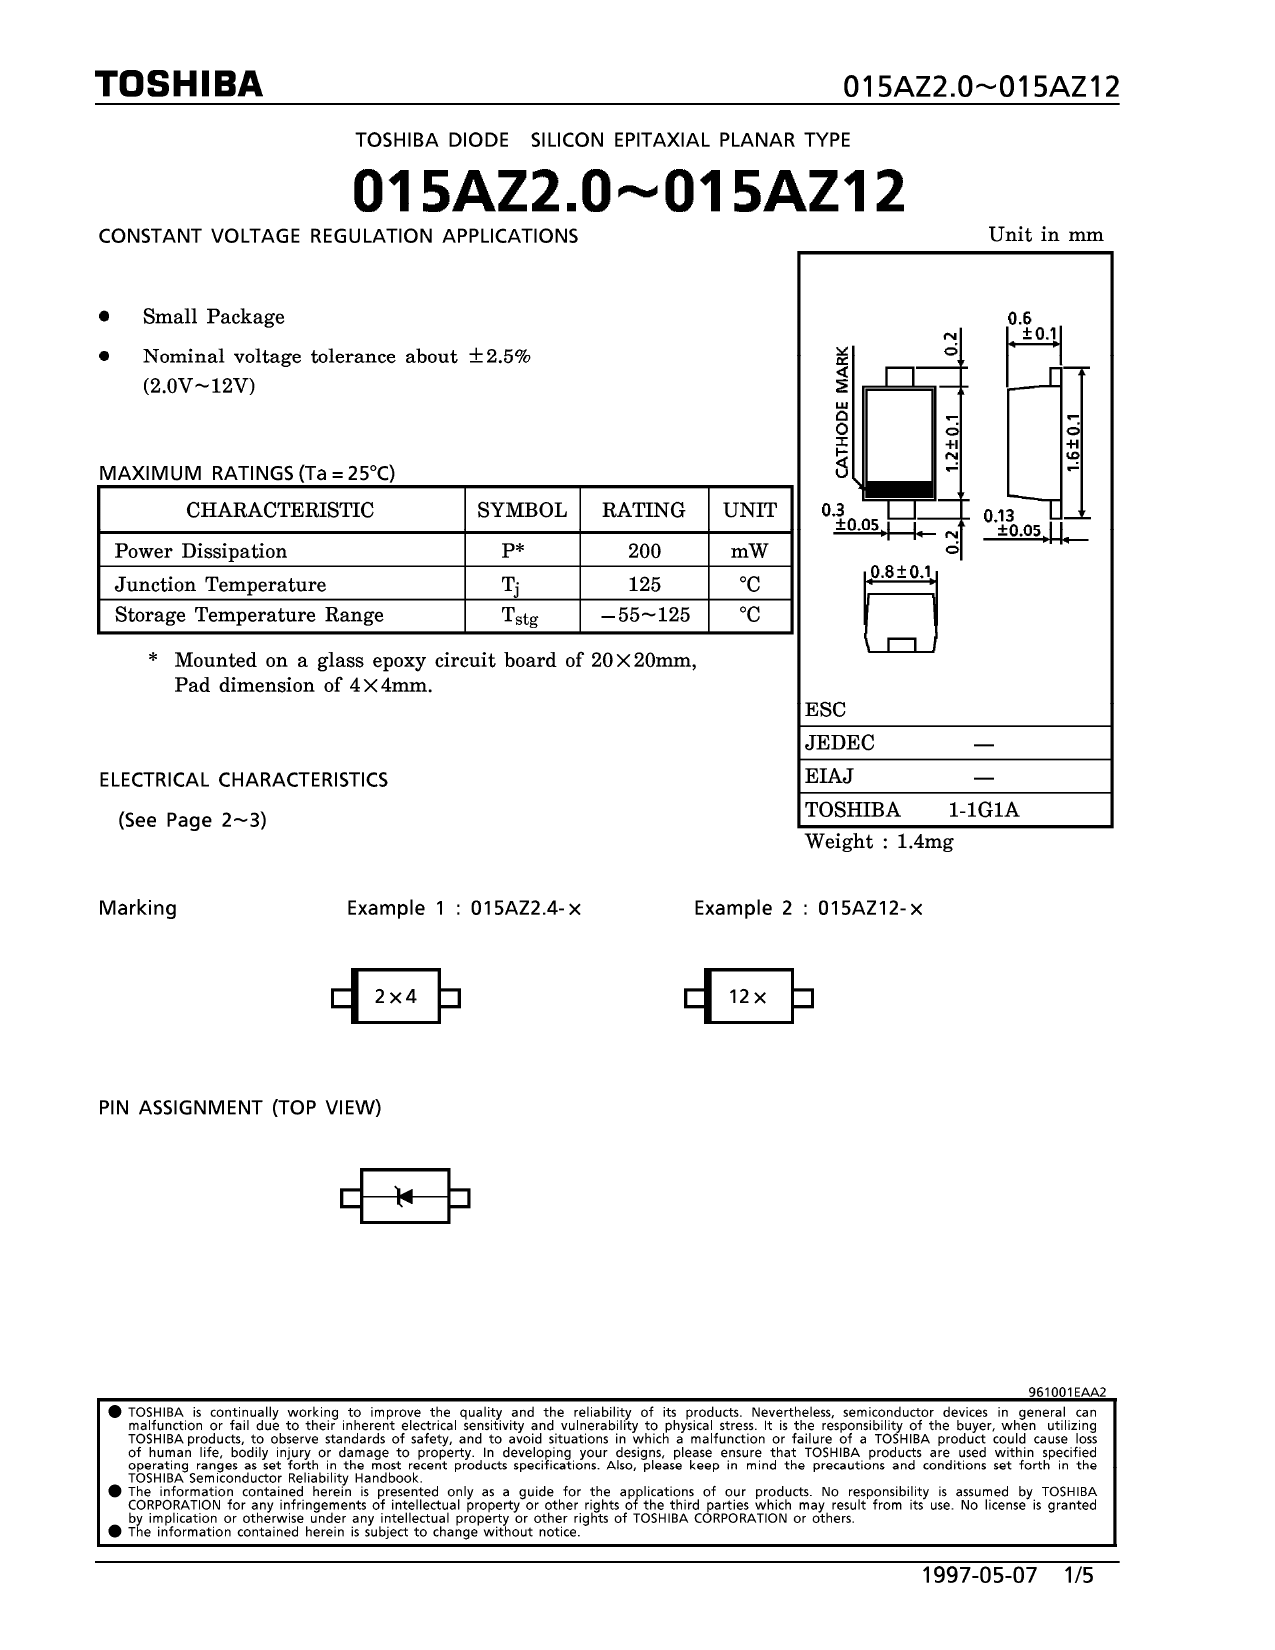 015A3.9 datasheet